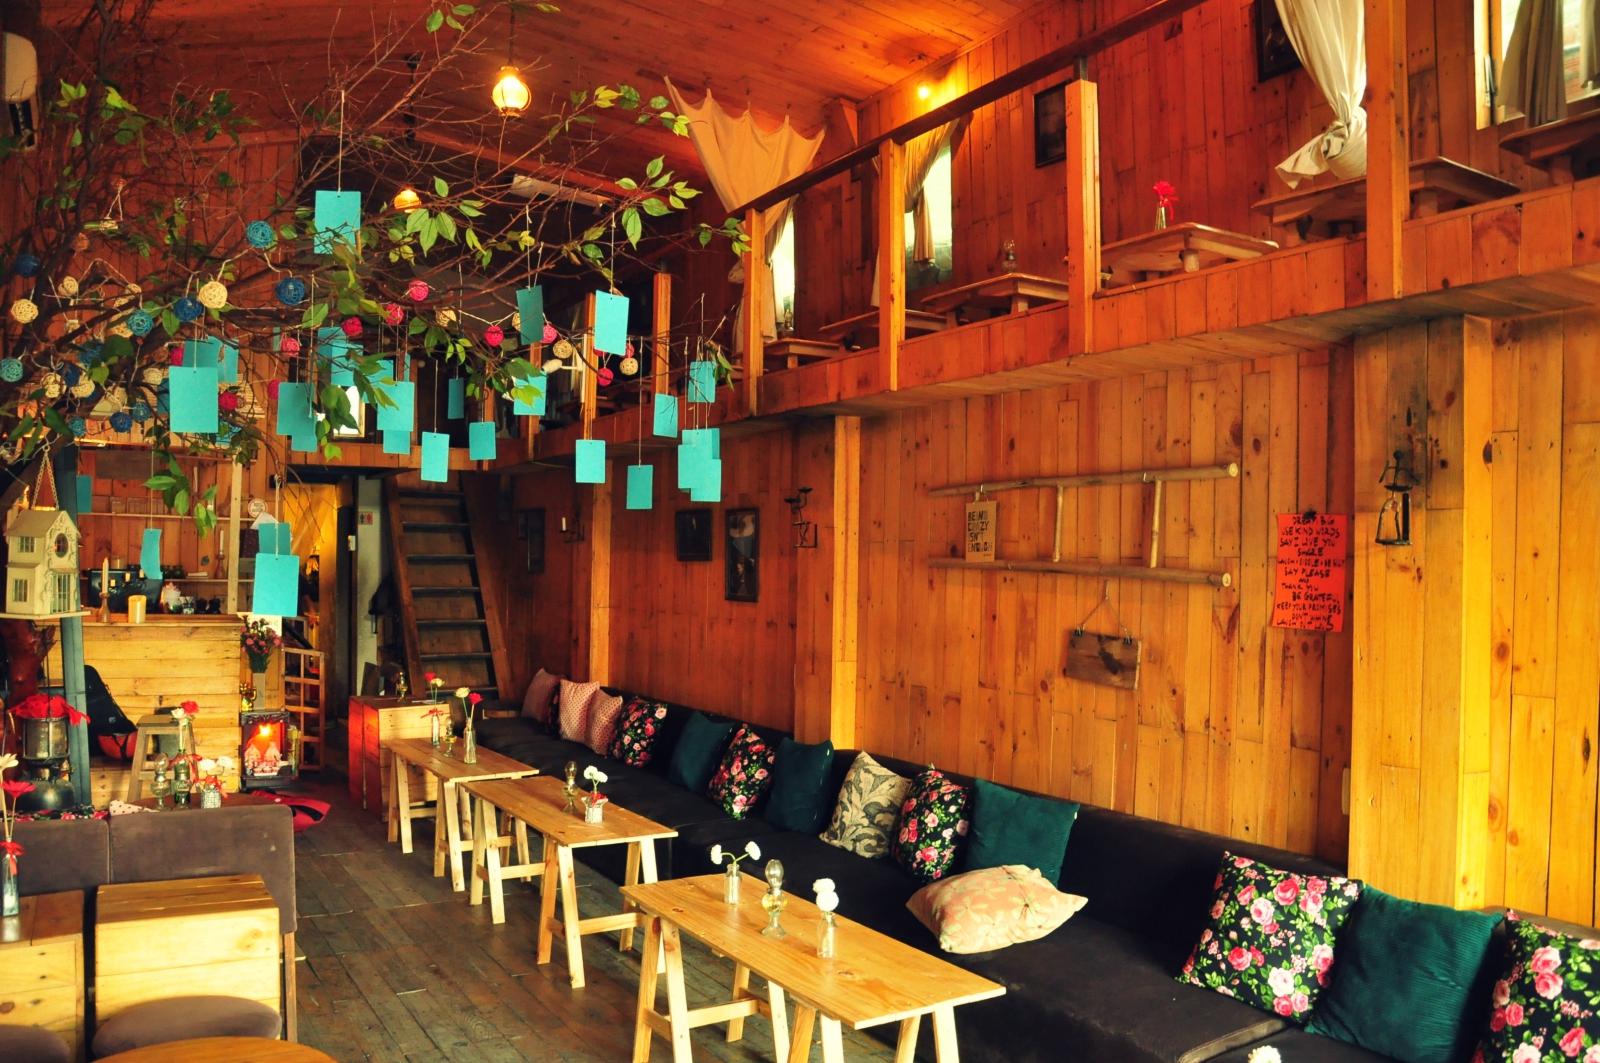 Khám phá quán café hát mộc khiến giới trẻ Sài thành thích thú